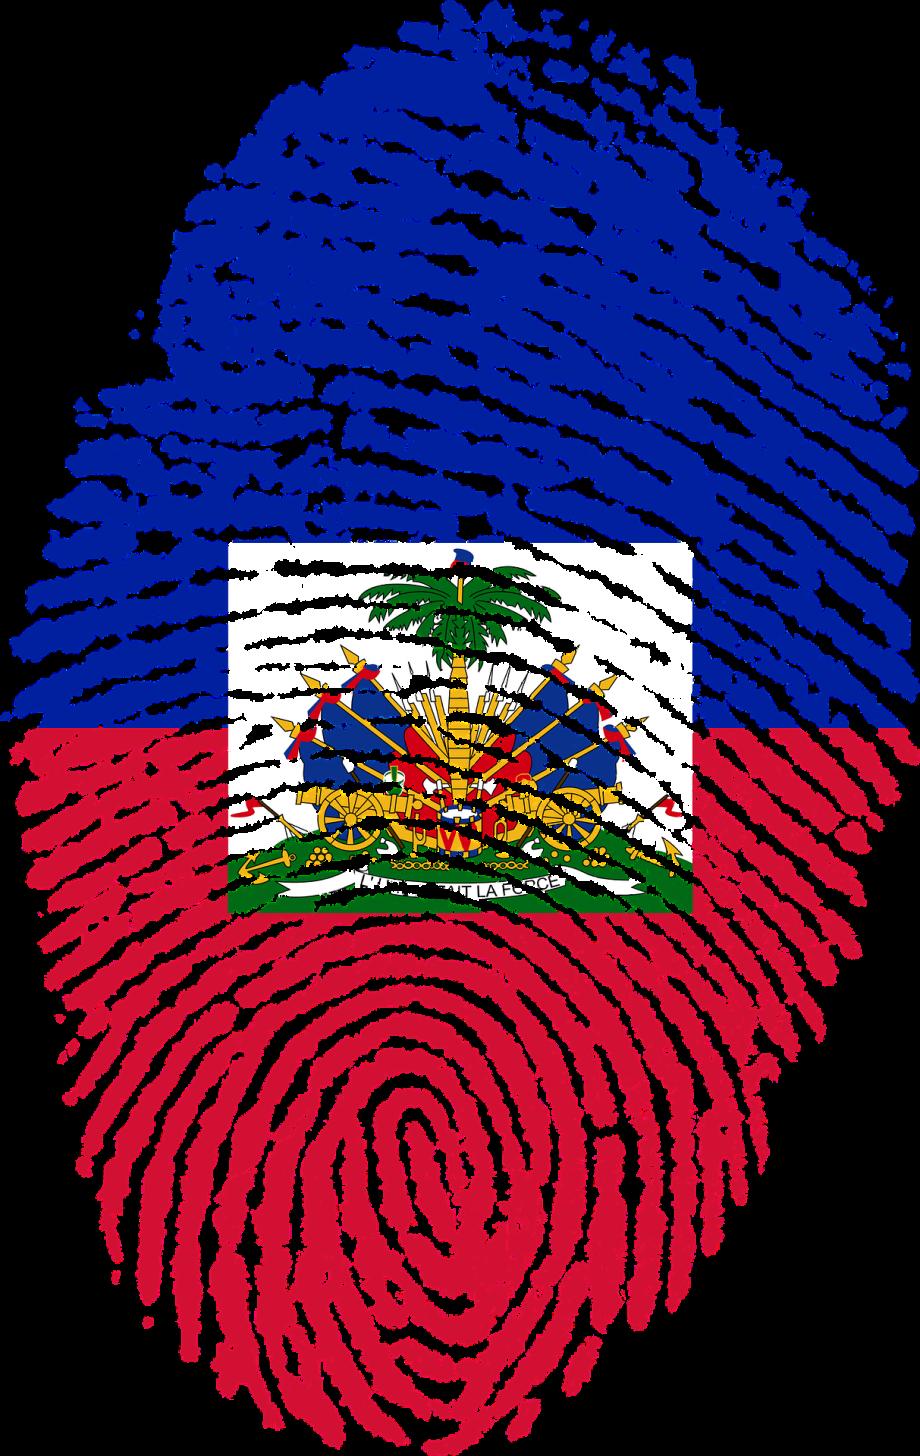 haiti-654228_1920